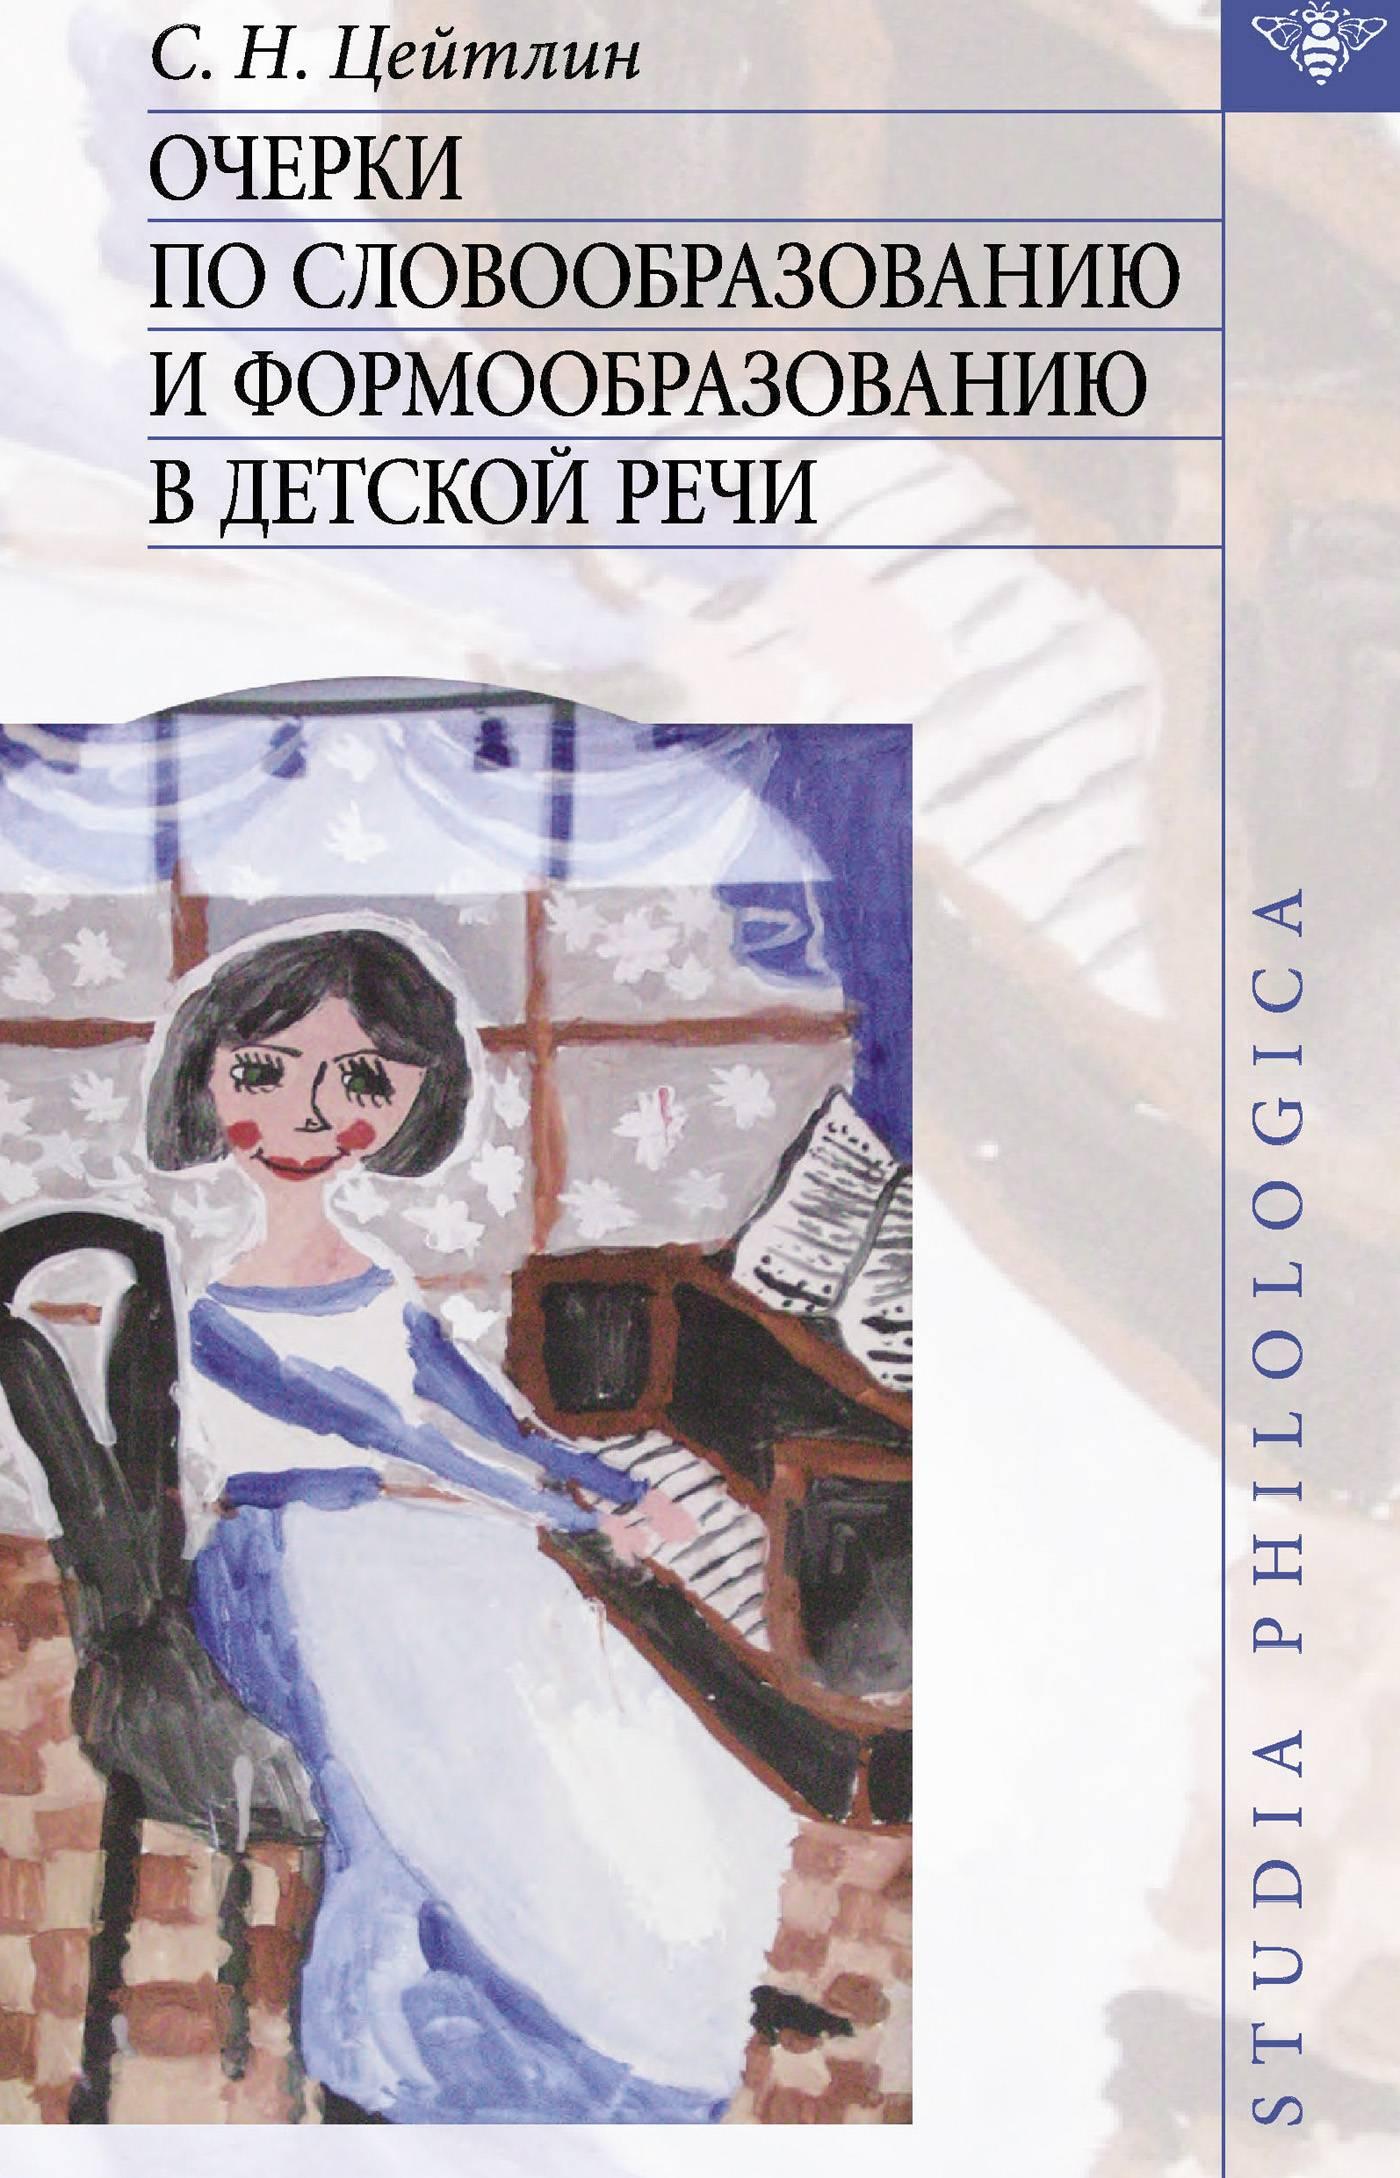 Читать книгу детская психология: учебник для вузов е. о. смирновой : онлайн чтение - страница 15